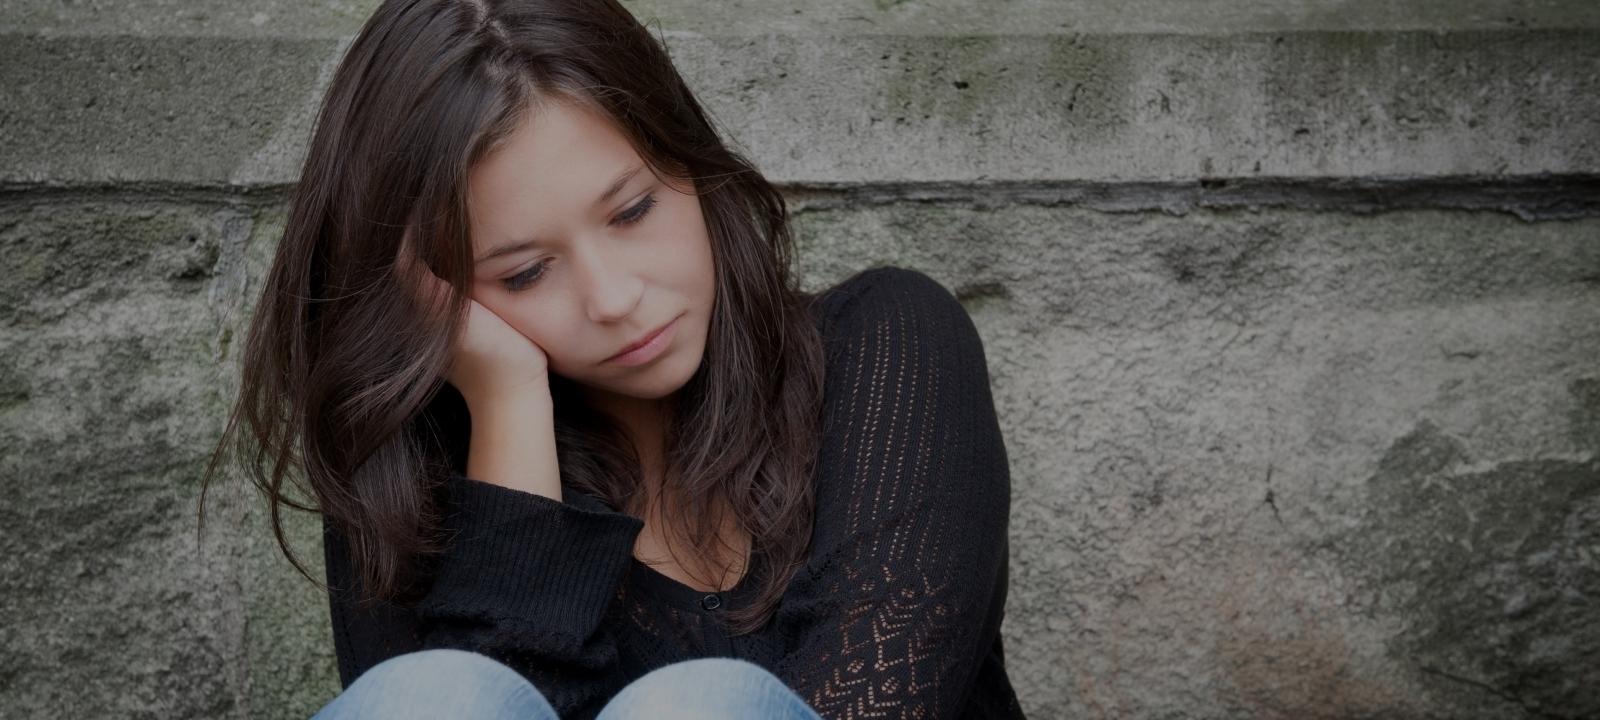 Førstehjelp ved selvmordsfare